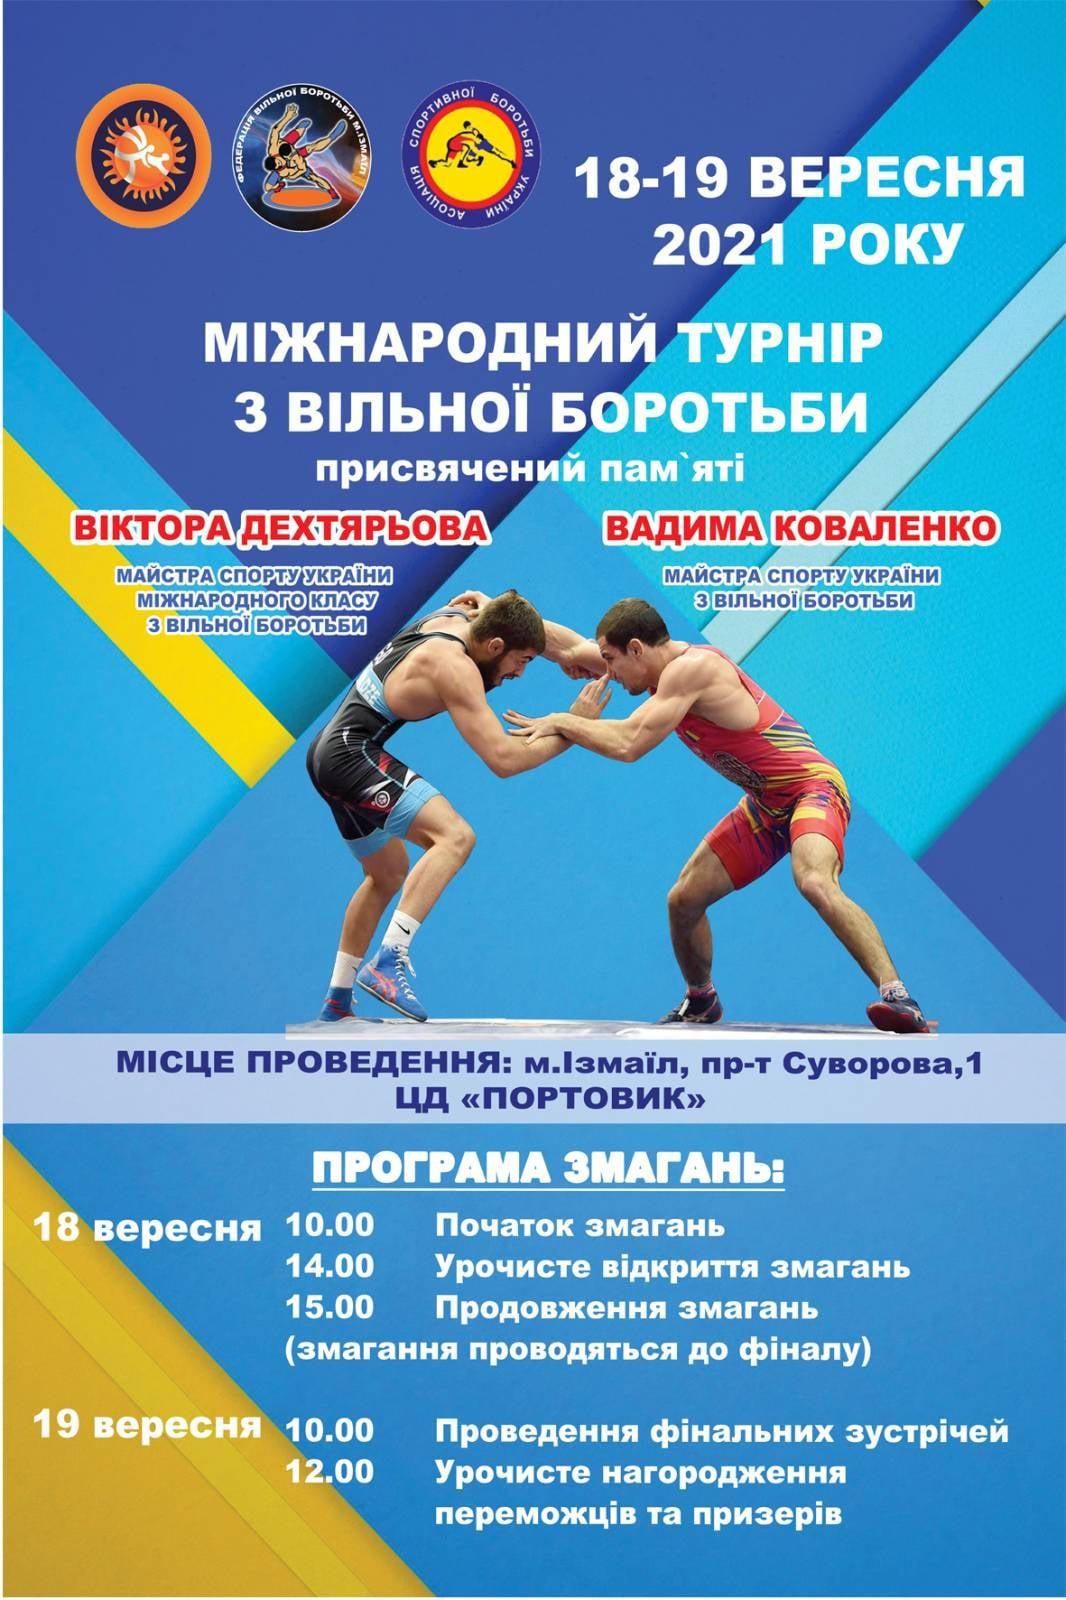 В эти выходные в Измаиле пройдет международный турнир по вольной борьбе памяти В. Дехтярева и В. Коваленко